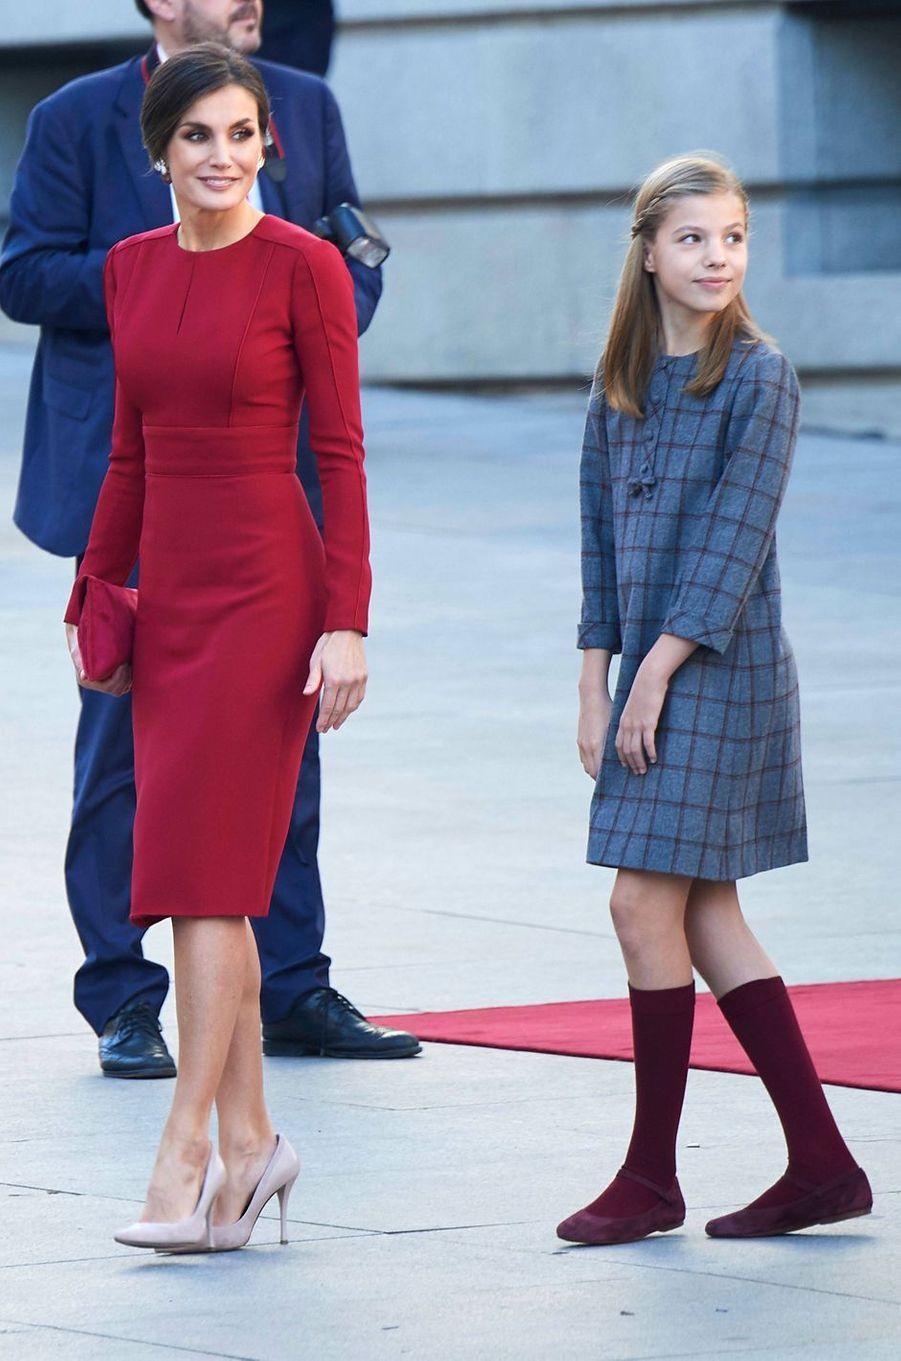 La reine Letizia d'Espagne et la princesse Sofia à Madrid, le 6 décembre 2018